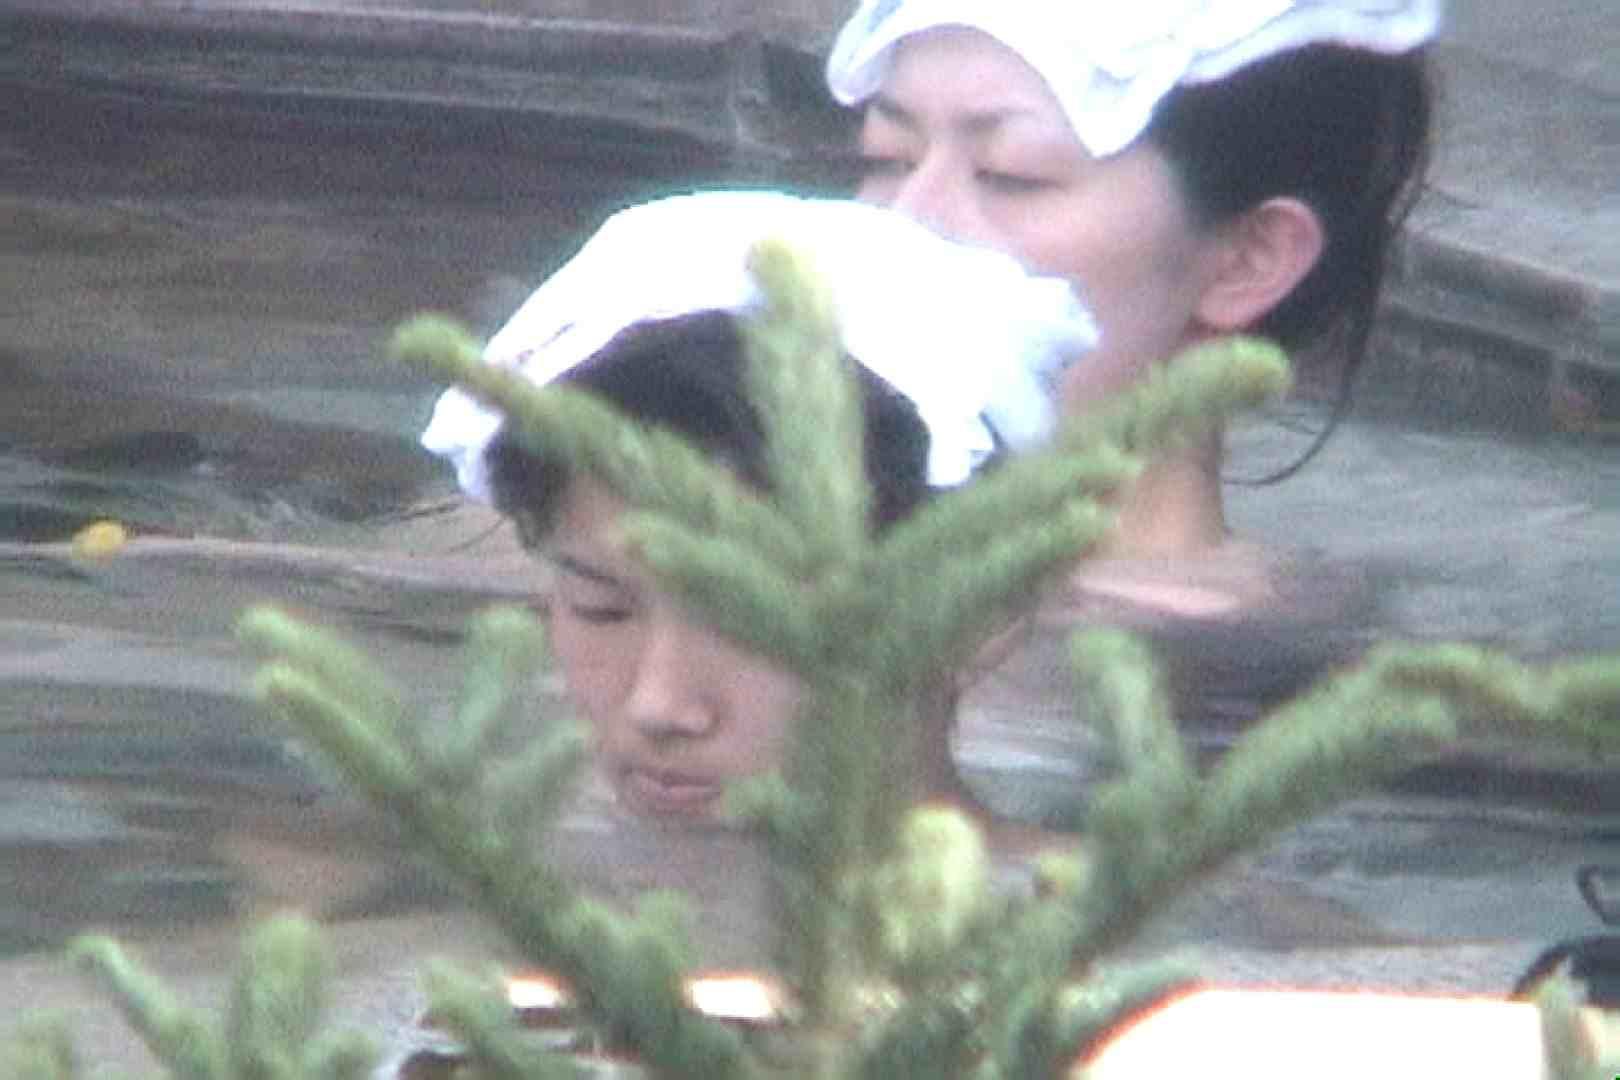 Aquaな露天風呂Vol.80【VIP限定】 いやらしいOL オメコ無修正動画無料 73連発 37